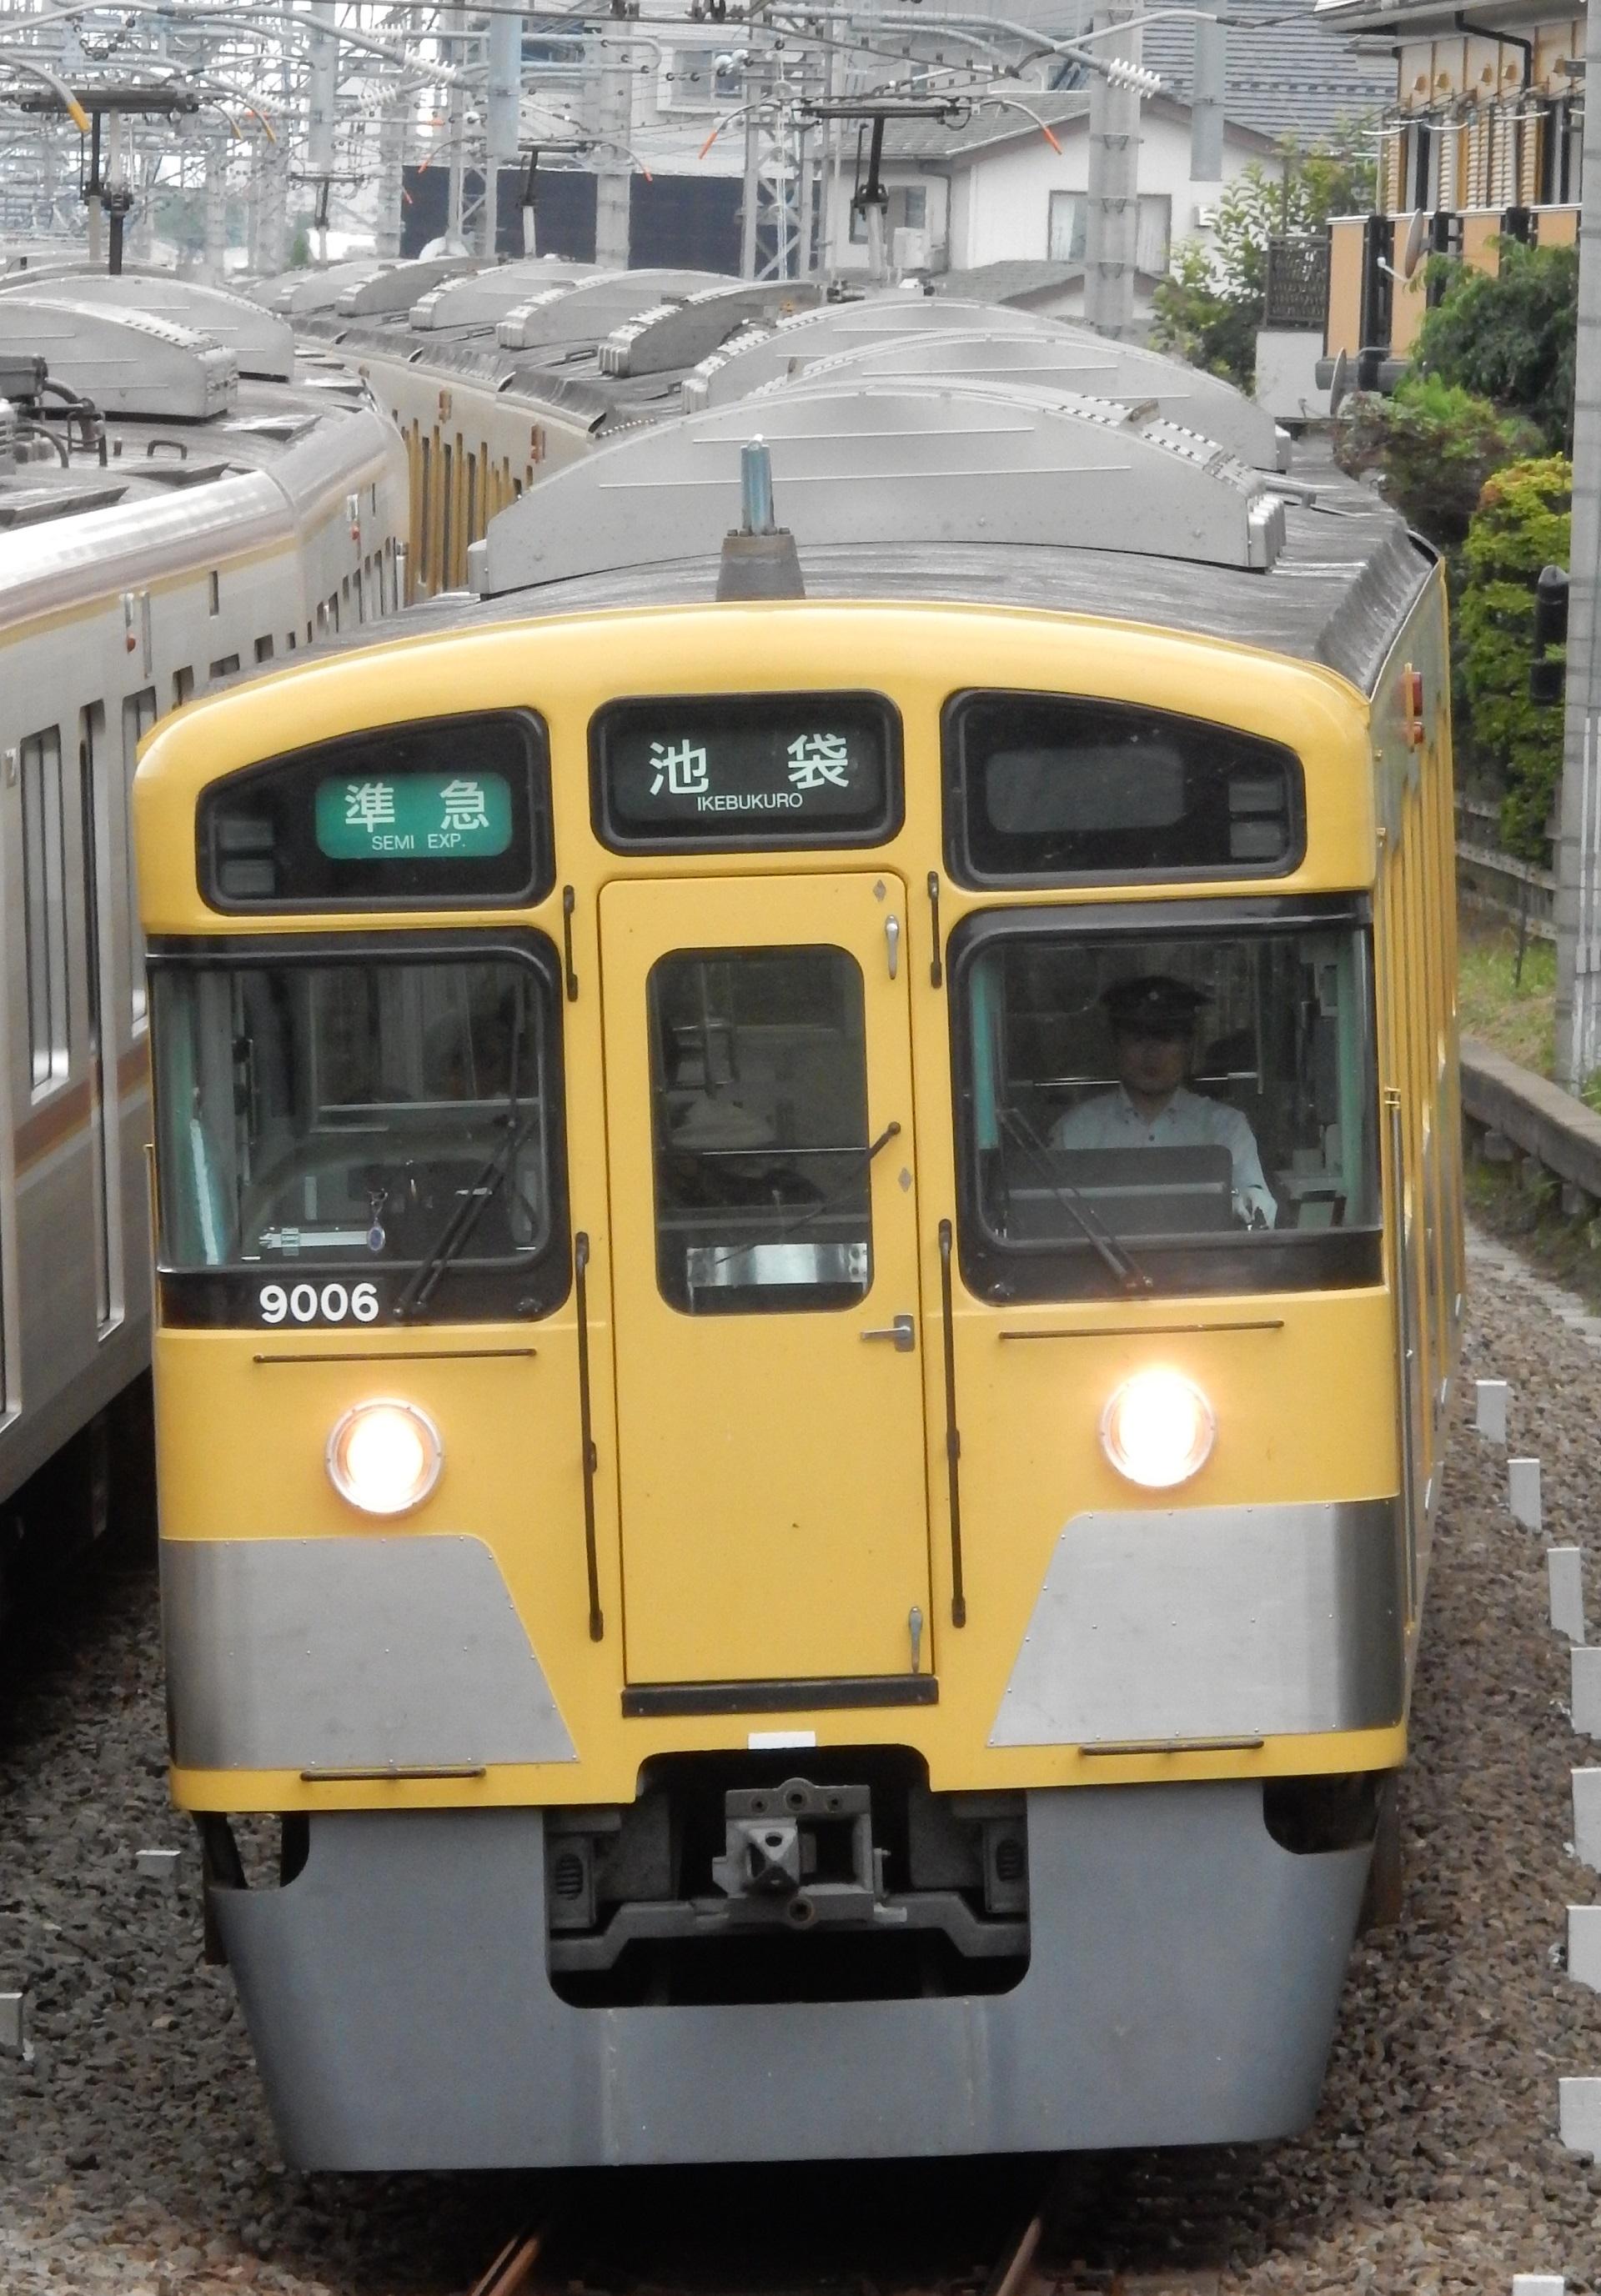 DSCN3806 - コピー